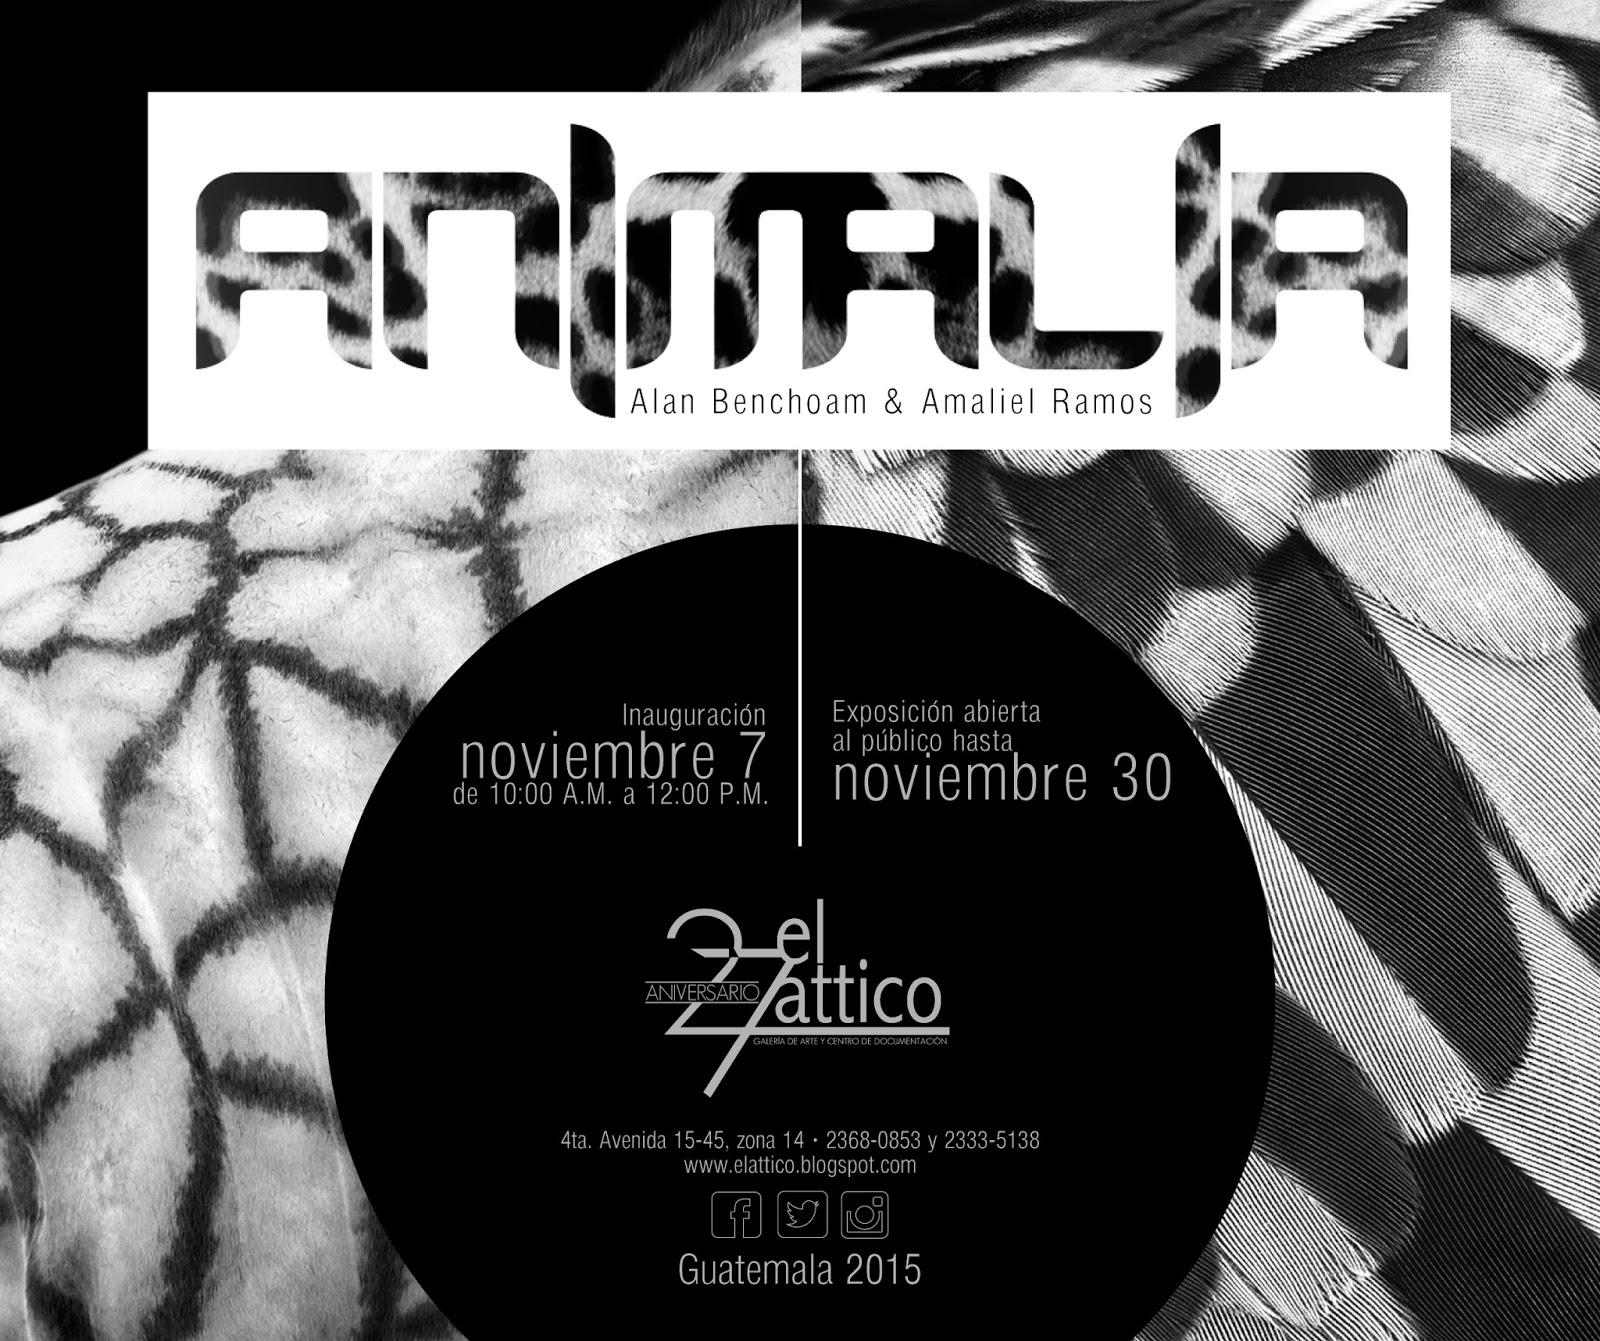 Invitación_animalia-02